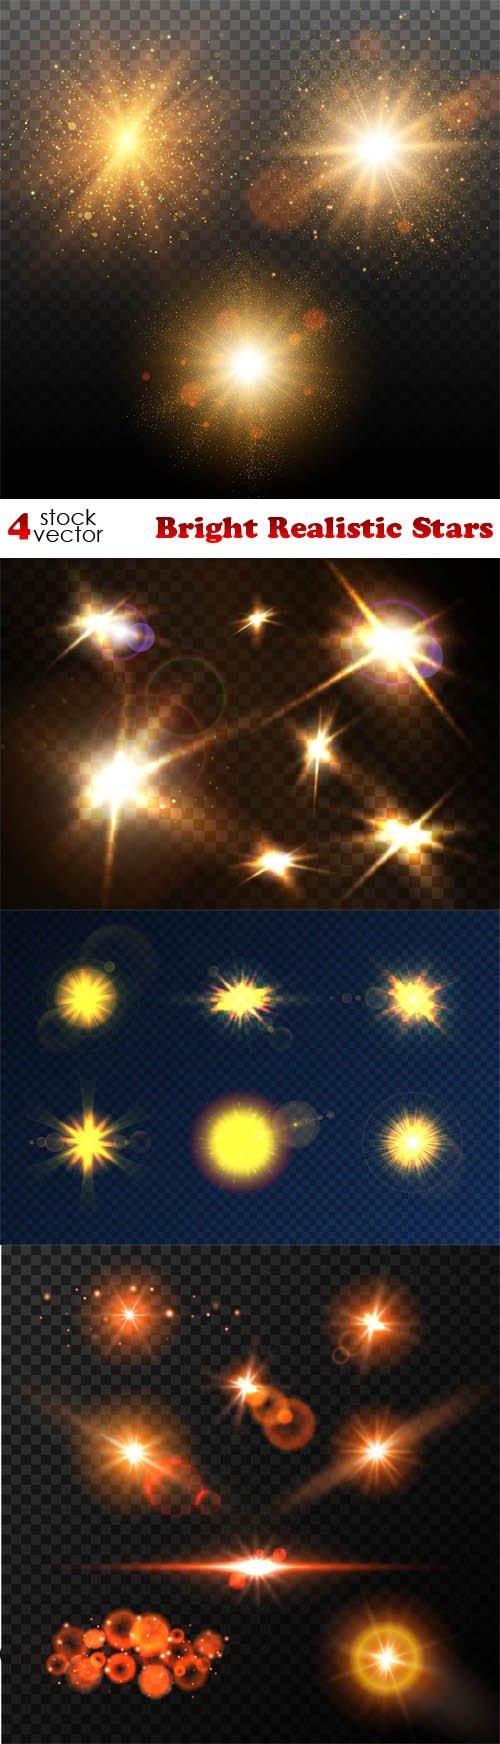 Vectors - Bright Realistic Stars